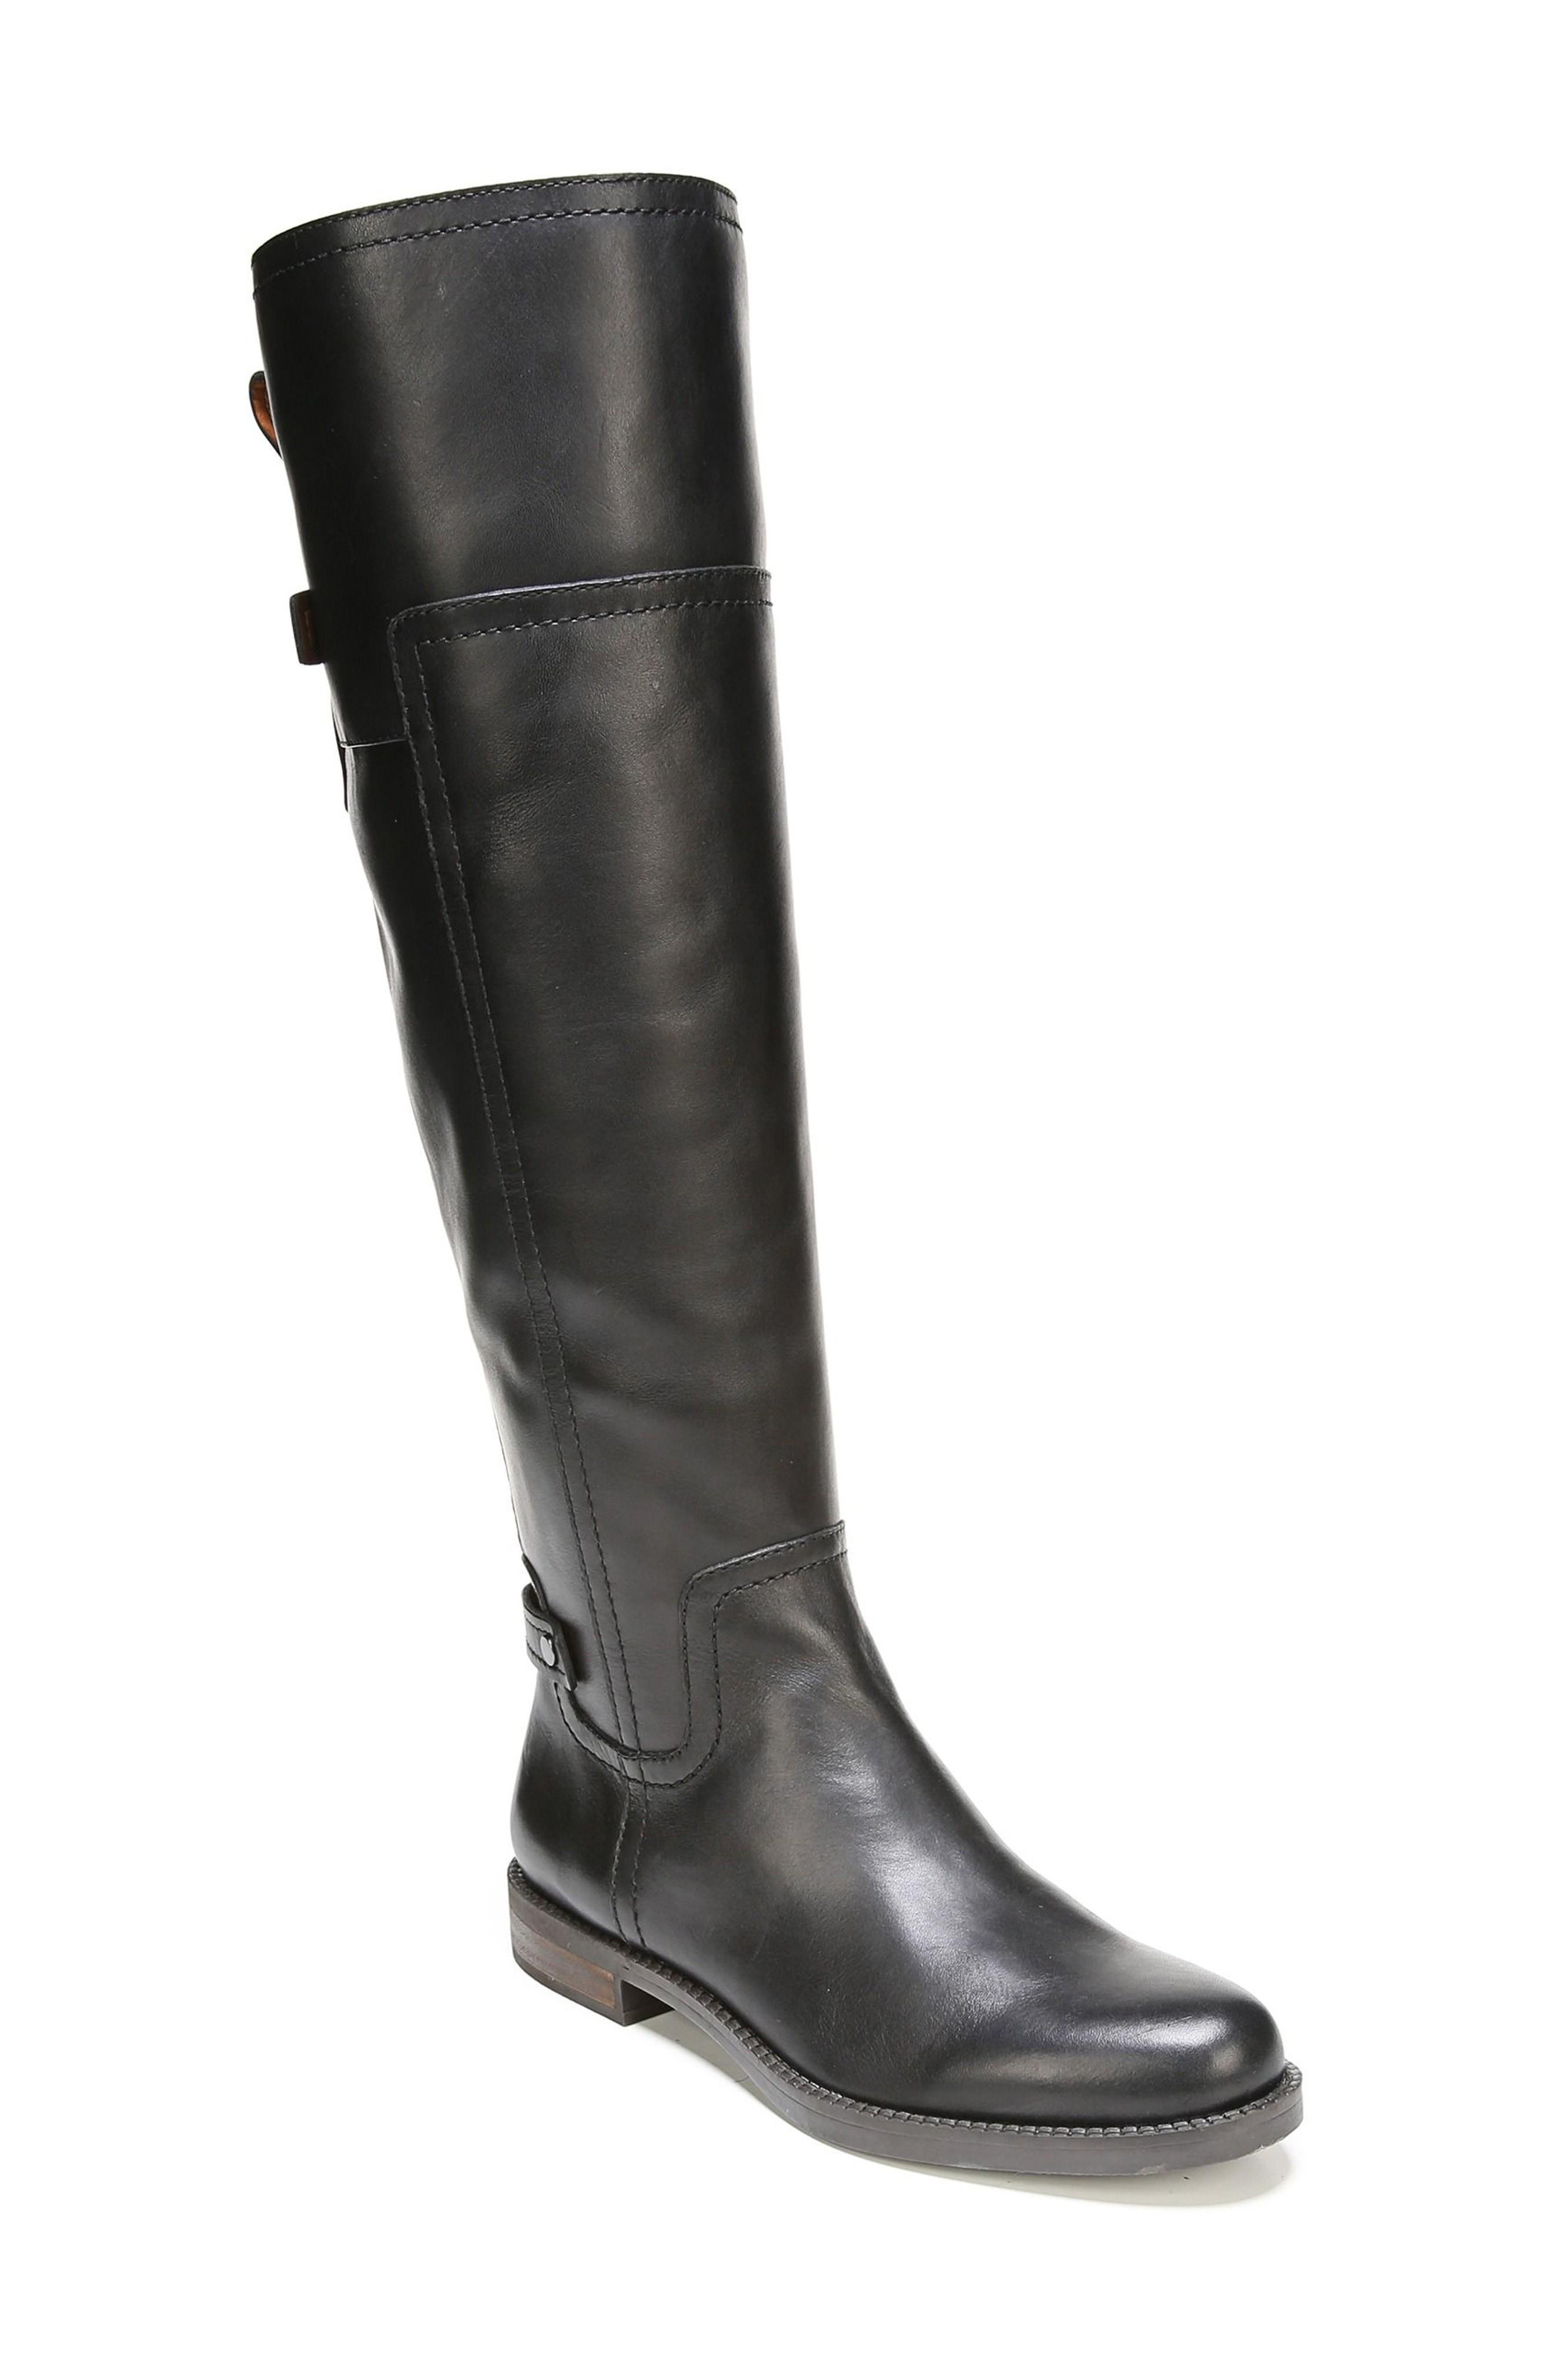 black boots for women knee-high boots for women | nordstrom nzbytol